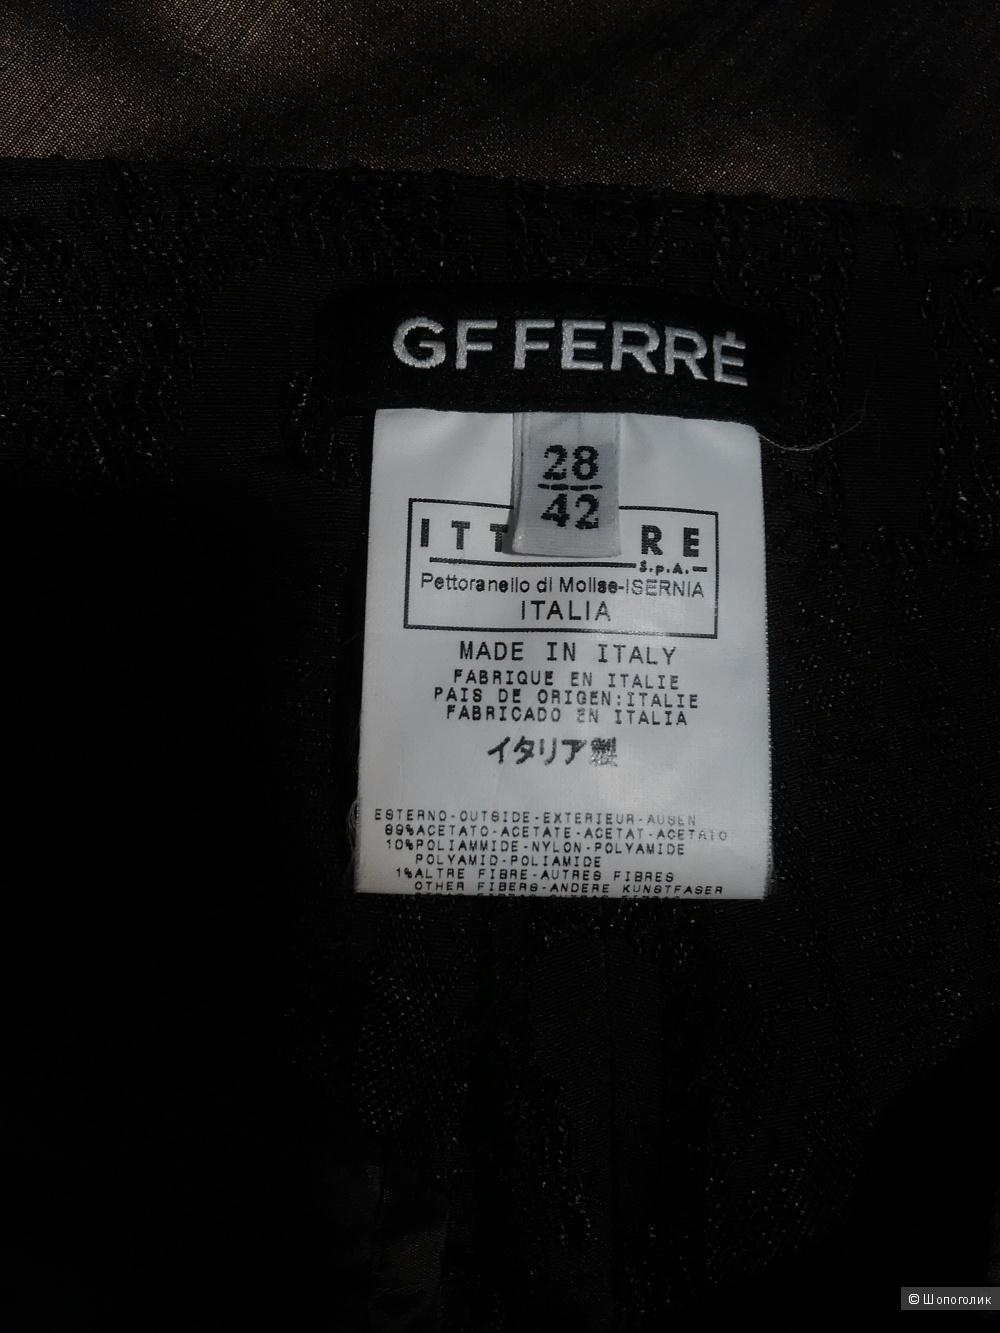 Брюки GF FERRE (Италия), р. 42 IT, коричневые, шелк